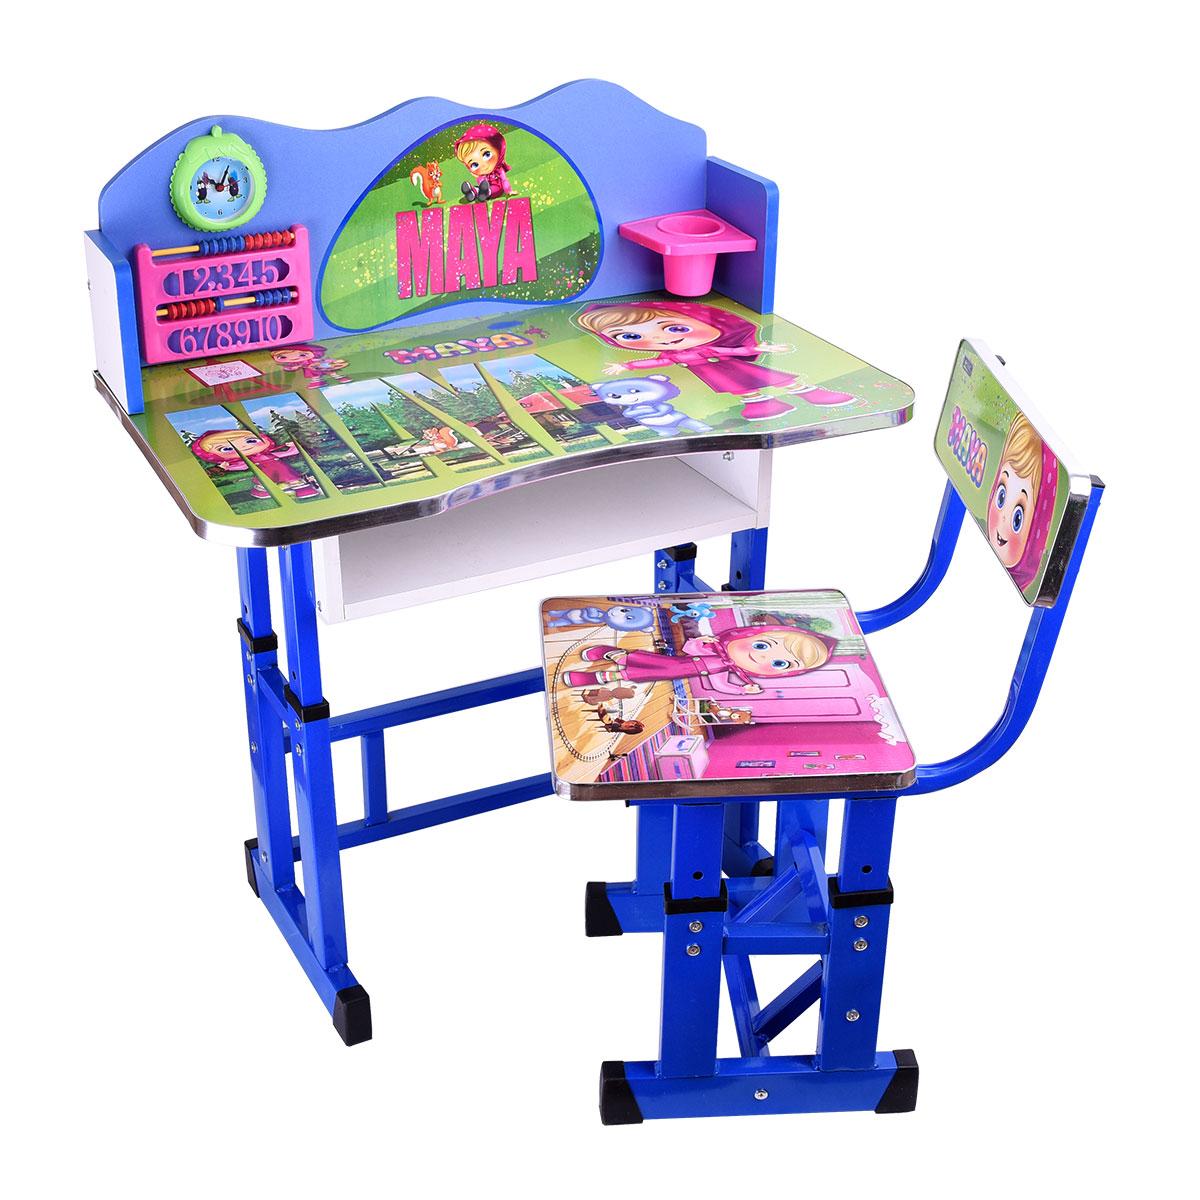 طاولة اطفال مدرسية خشب + كرسي , رقم 4042-037